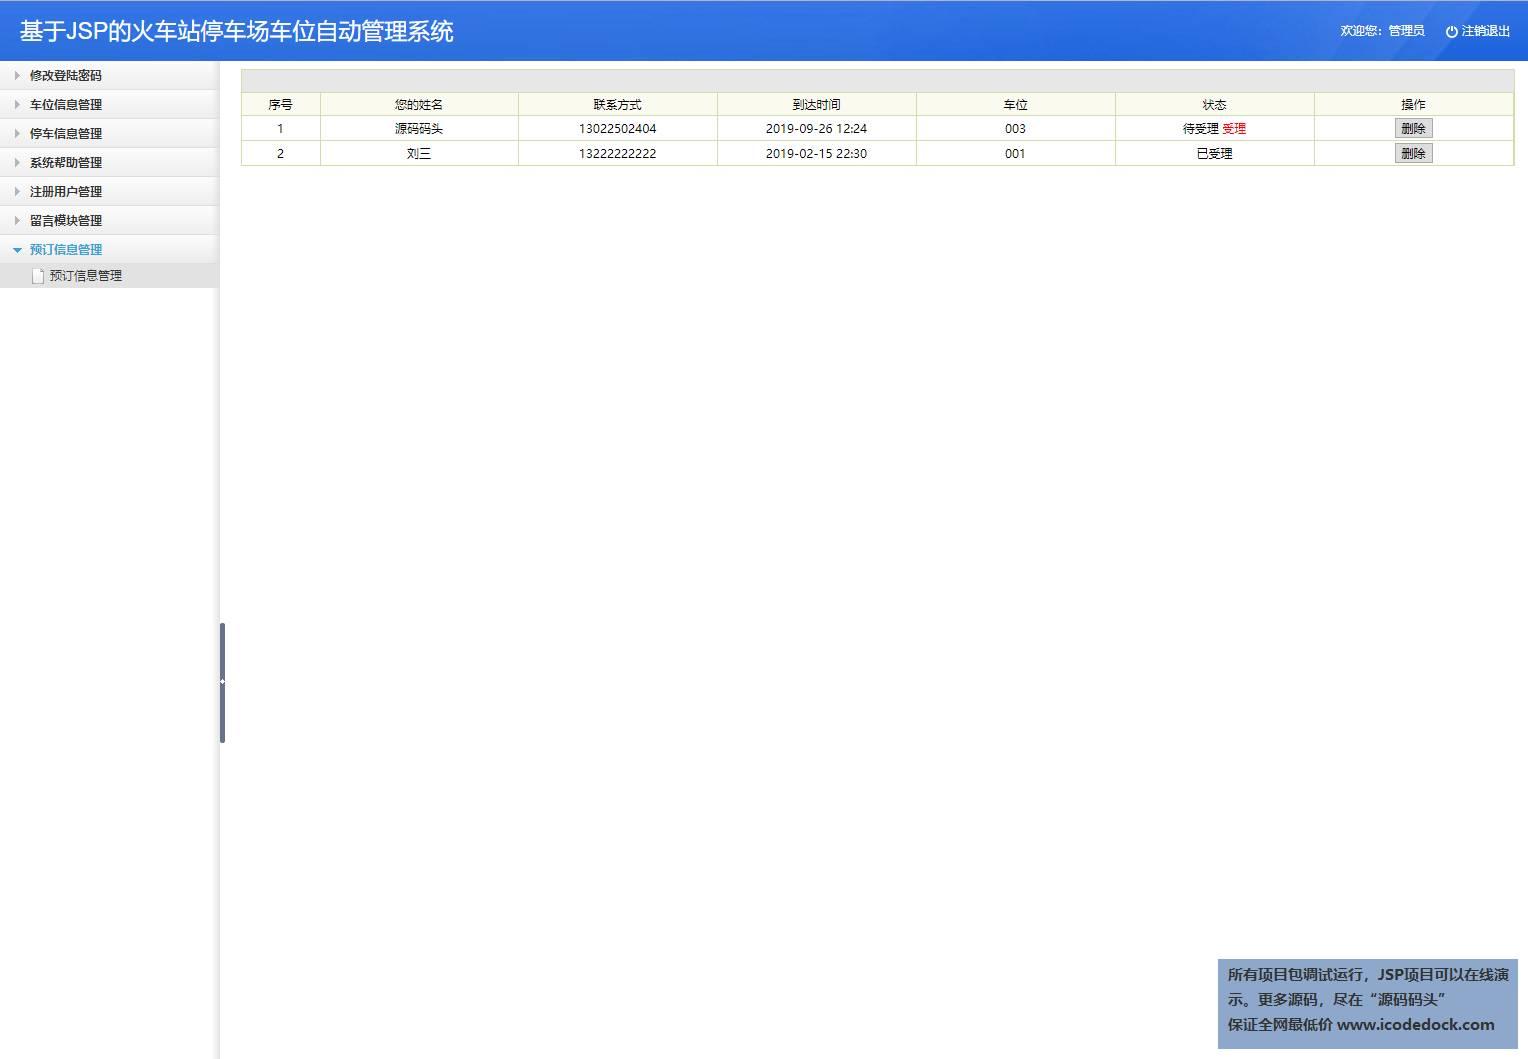 源码码头-JSP停车位预定管理系统-管理员角色-预定信息管理